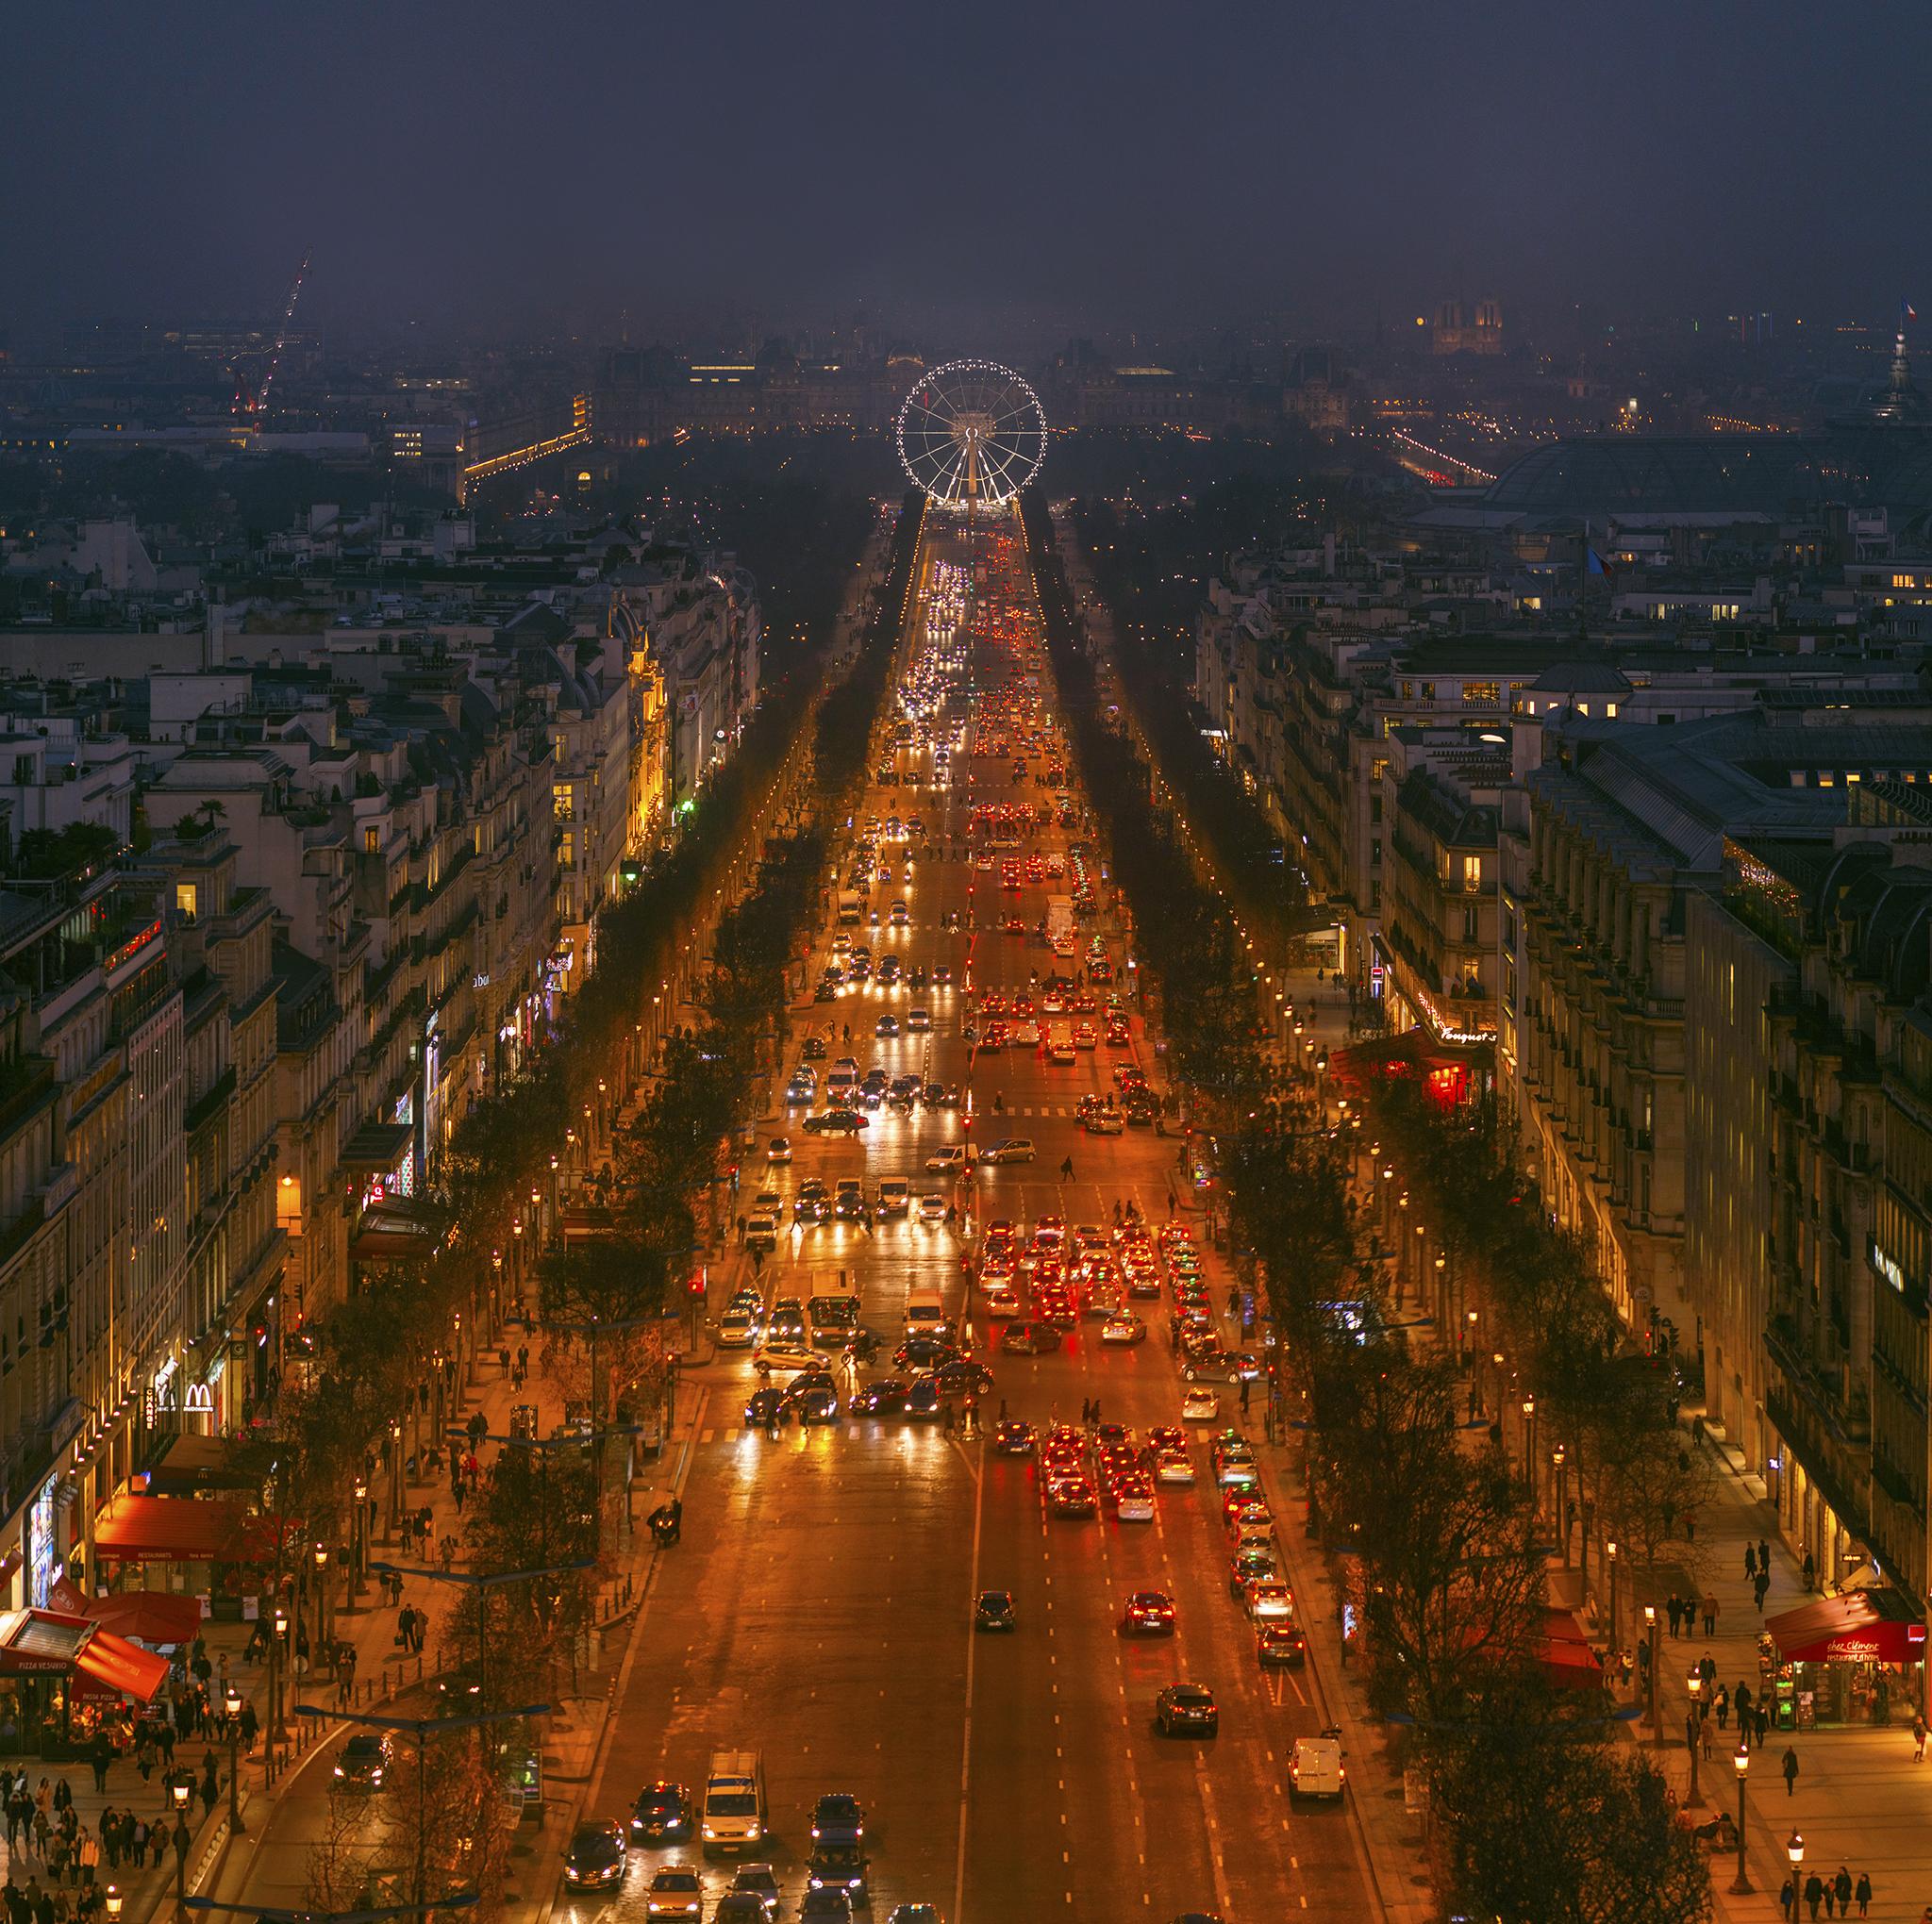 フランス:「シャンゼリゼ通り/Avenue des Champs-Élysées」